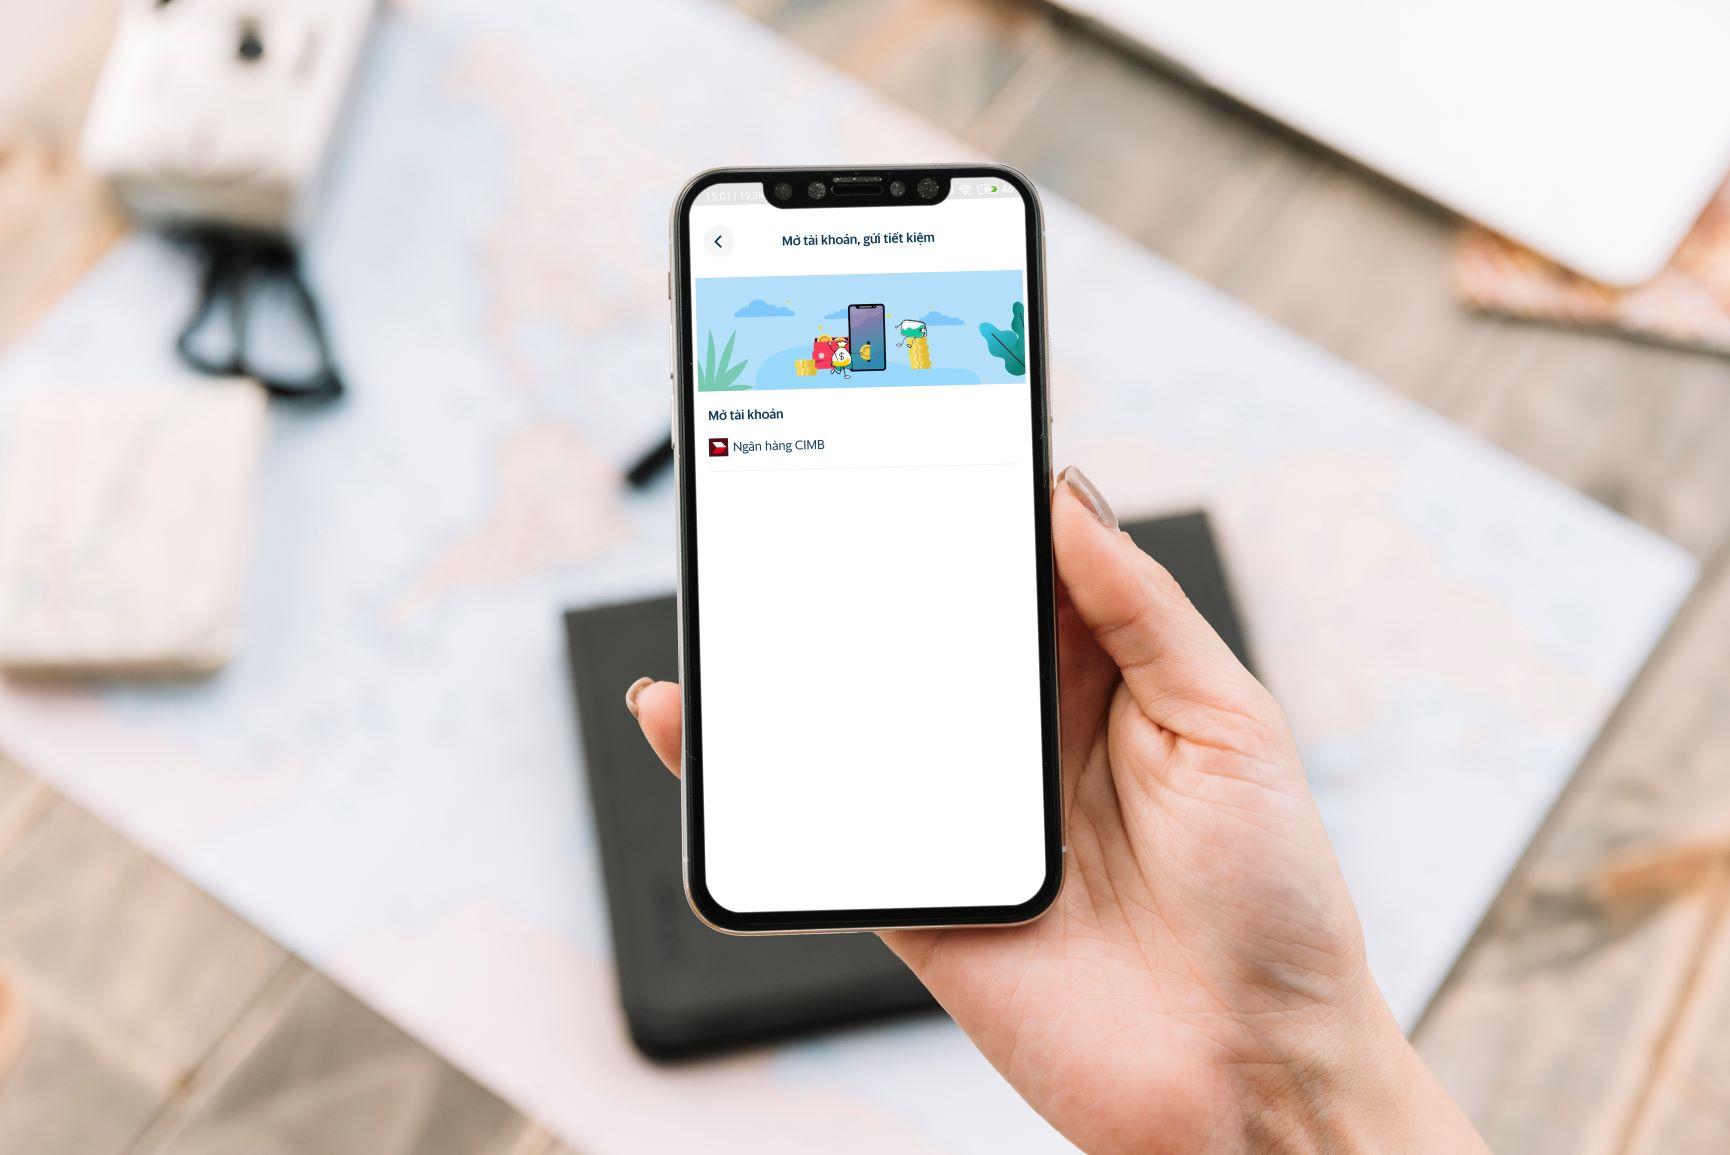 Giờ đây, khách hàng có thể dễ dàng đăng ký mở tài khoản ngân hàng CIMB Việt Nam thông qua Ví điện tử SmartPay